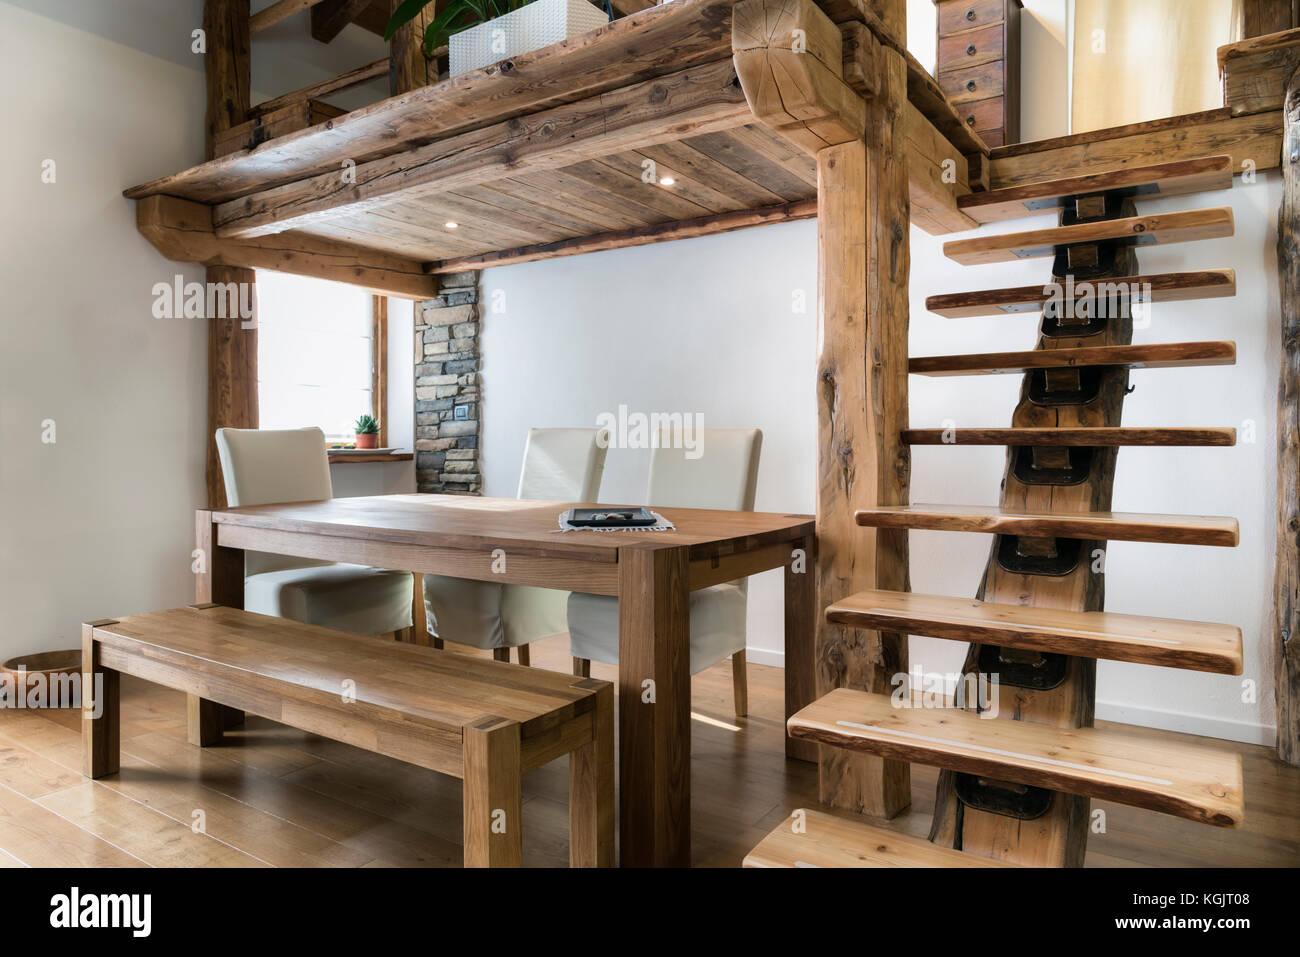 Holz  Tisch Im Esszimmer Unter Zwischenboden